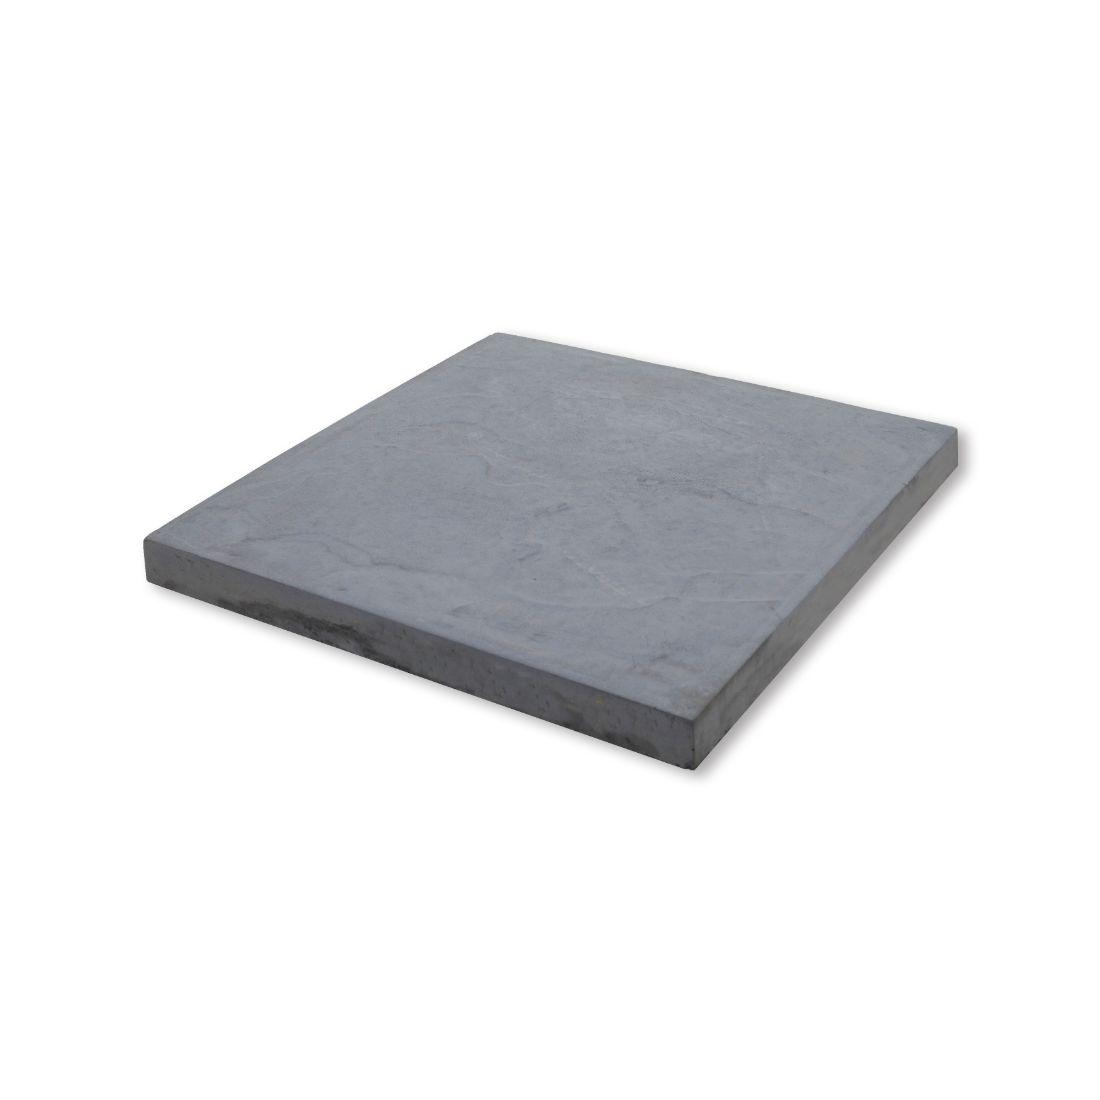 Romani Concrete Paver 300 x 300 x 37mm Grey River